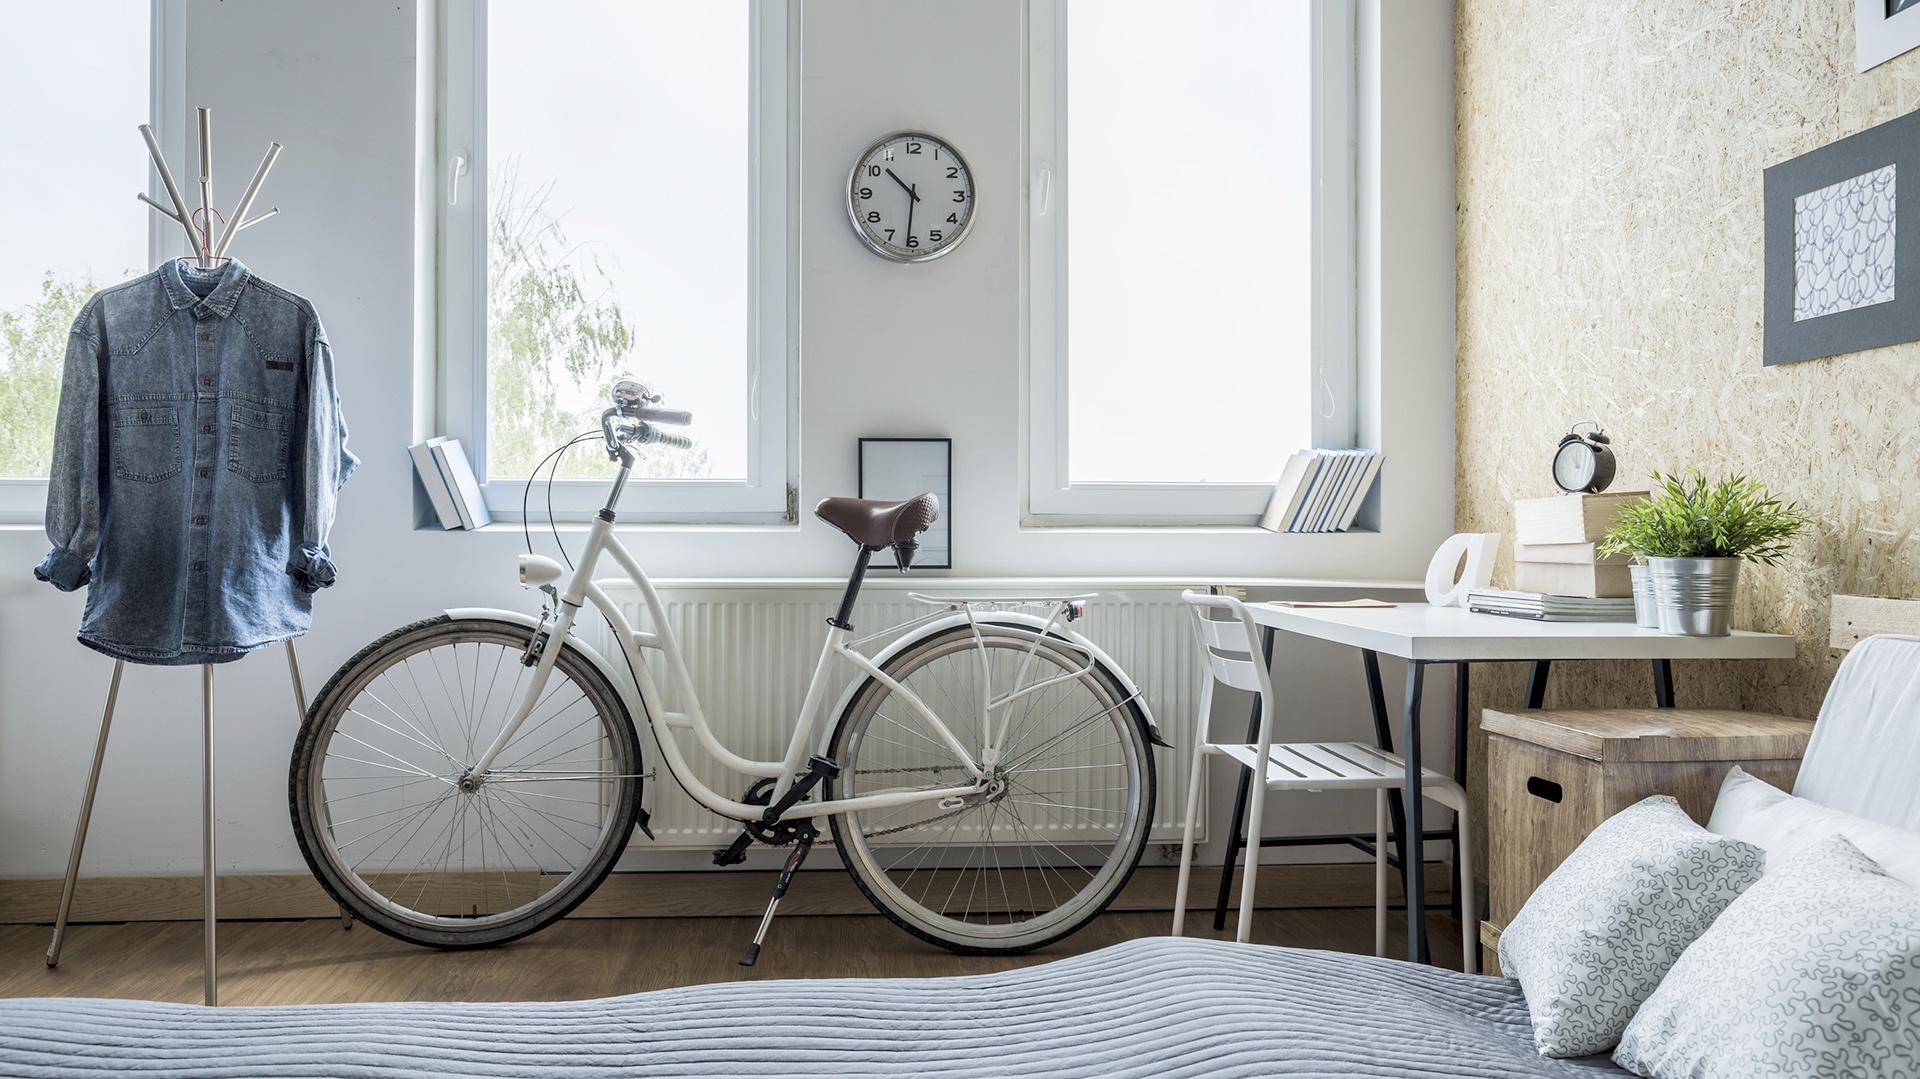 Las unidades de 20 metros cuadrados que, muchas veces, se ofrecen amueblados y cuya decoración y mobiliario se adapta a las necesidades de uso del momento